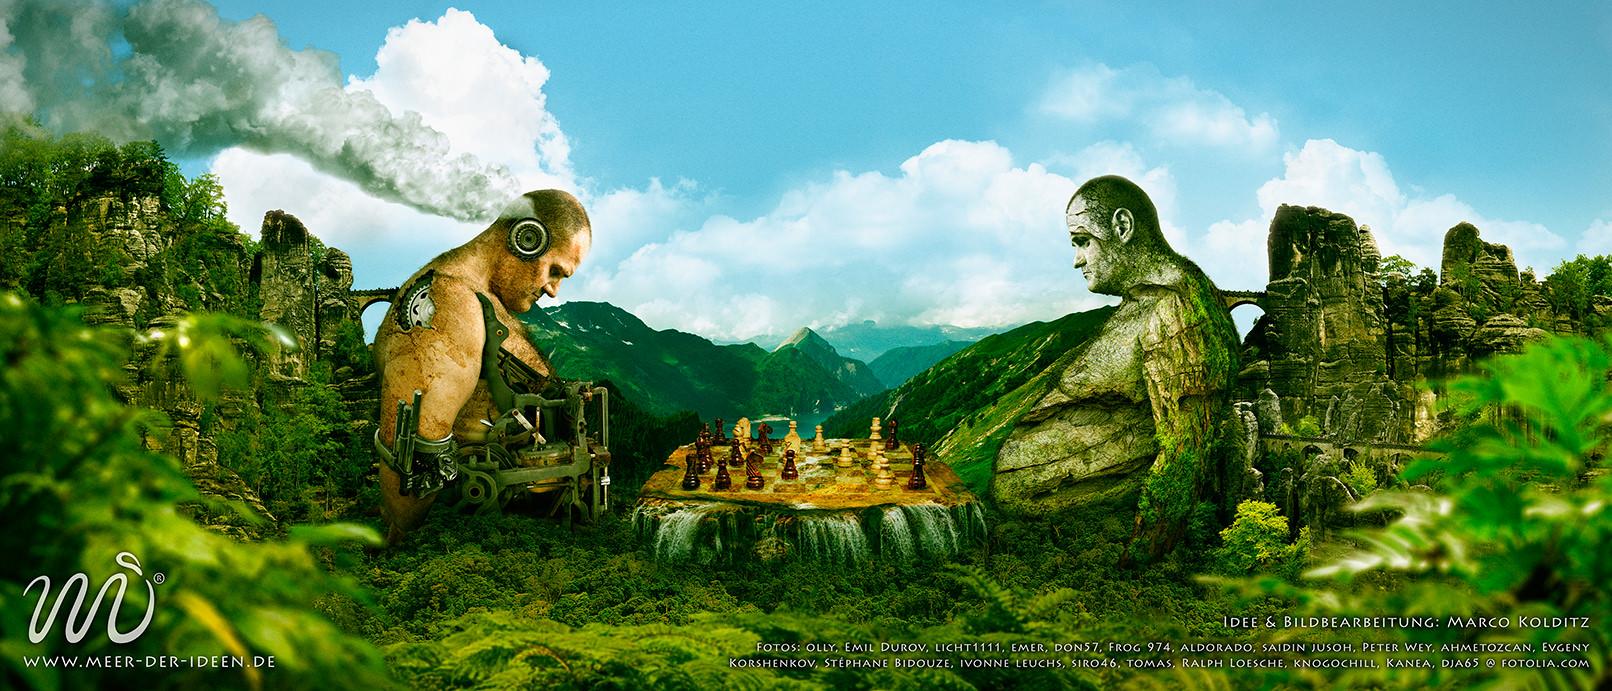 Ein überdimensionales Schachspiel? Der richtige Stoff für eine kreative Fotomontage in Photoshop!